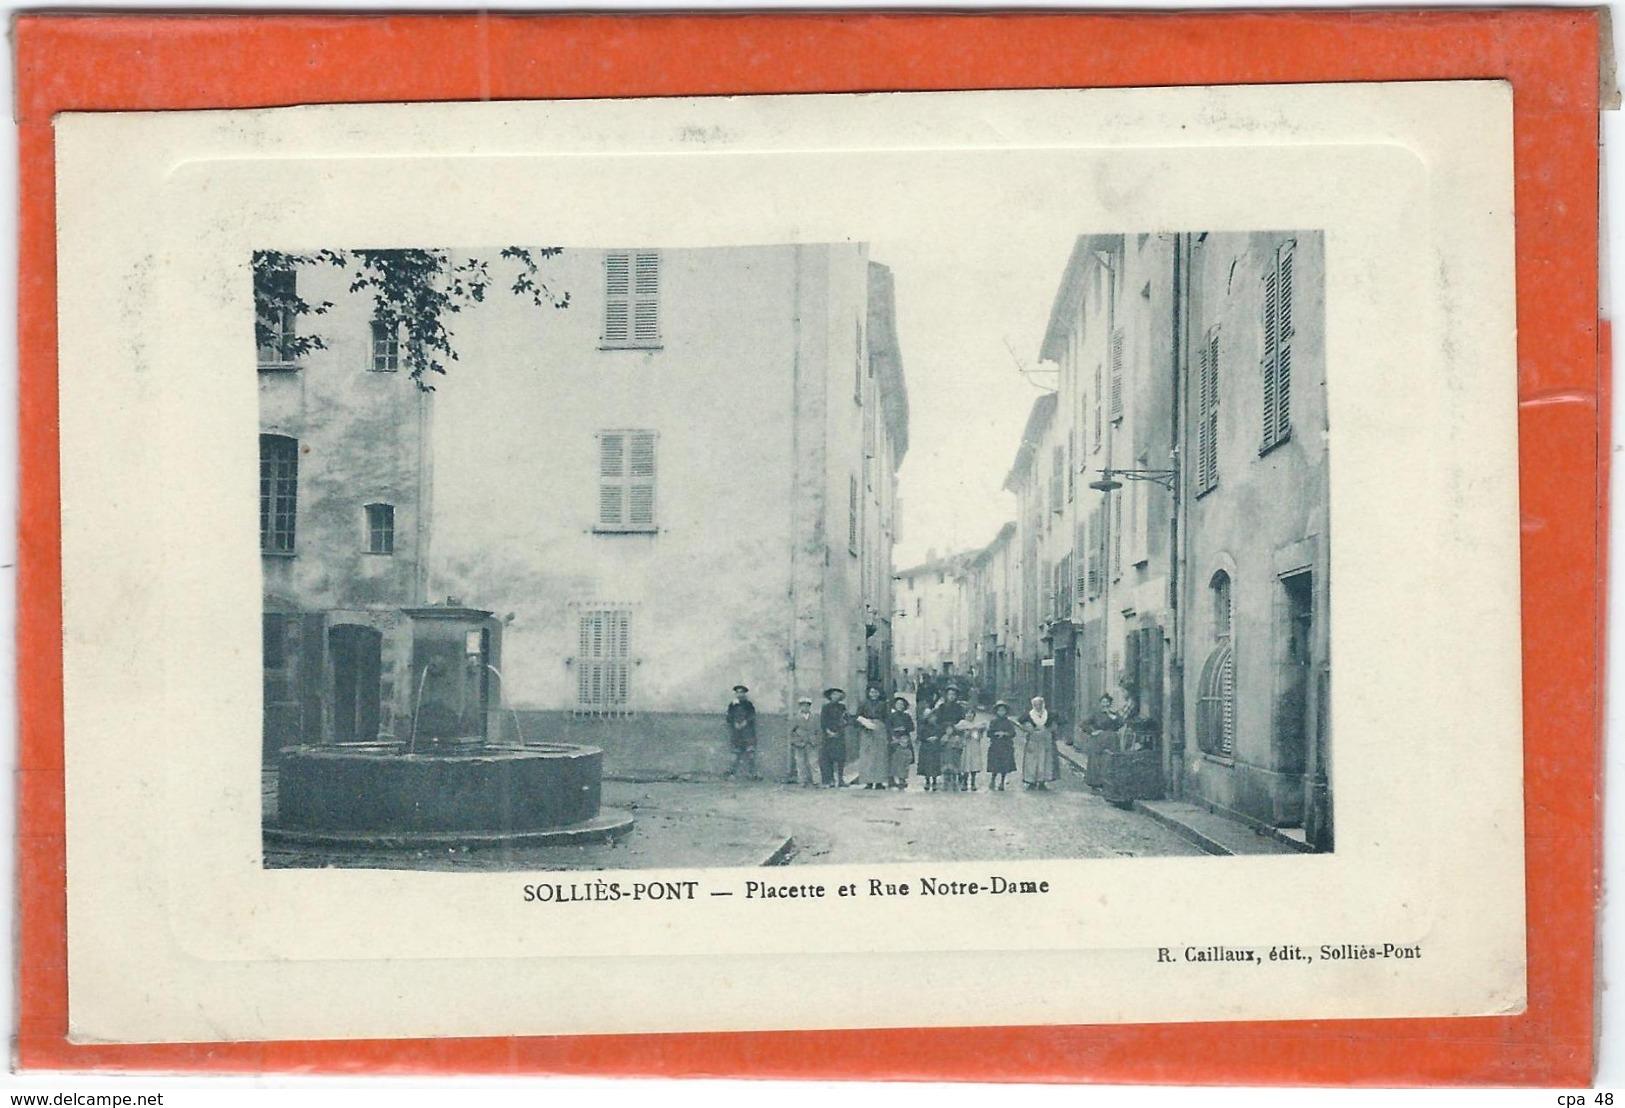 Var : Sollies Pont, Placette Et Rue Notre Dame - Sollies Pont